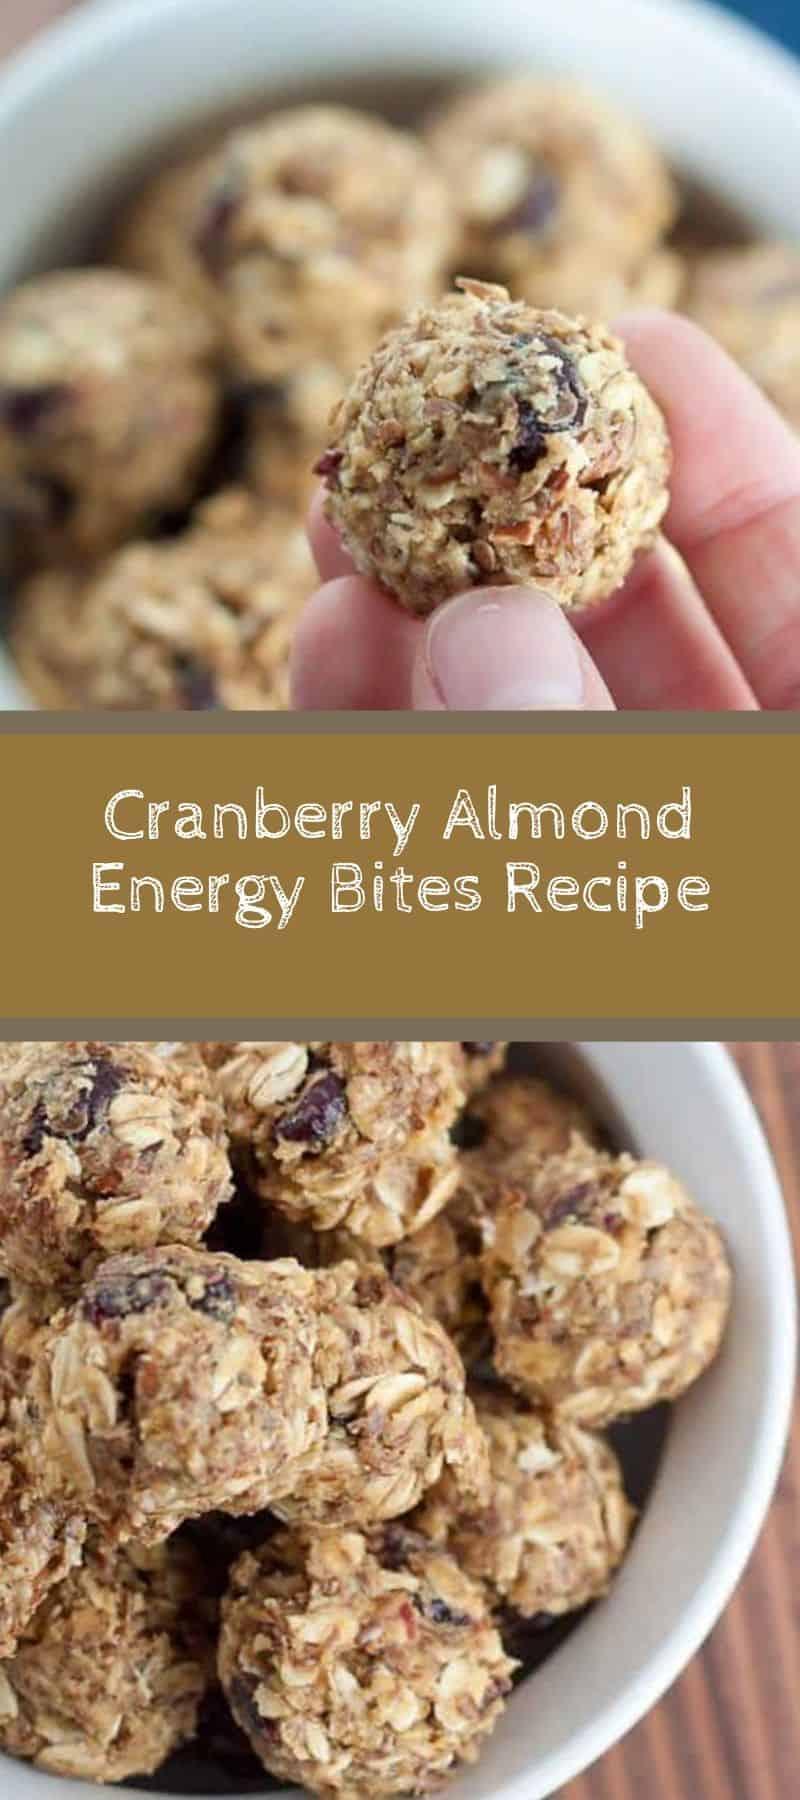 Cranberry Almond Energy Bites Recipe 3